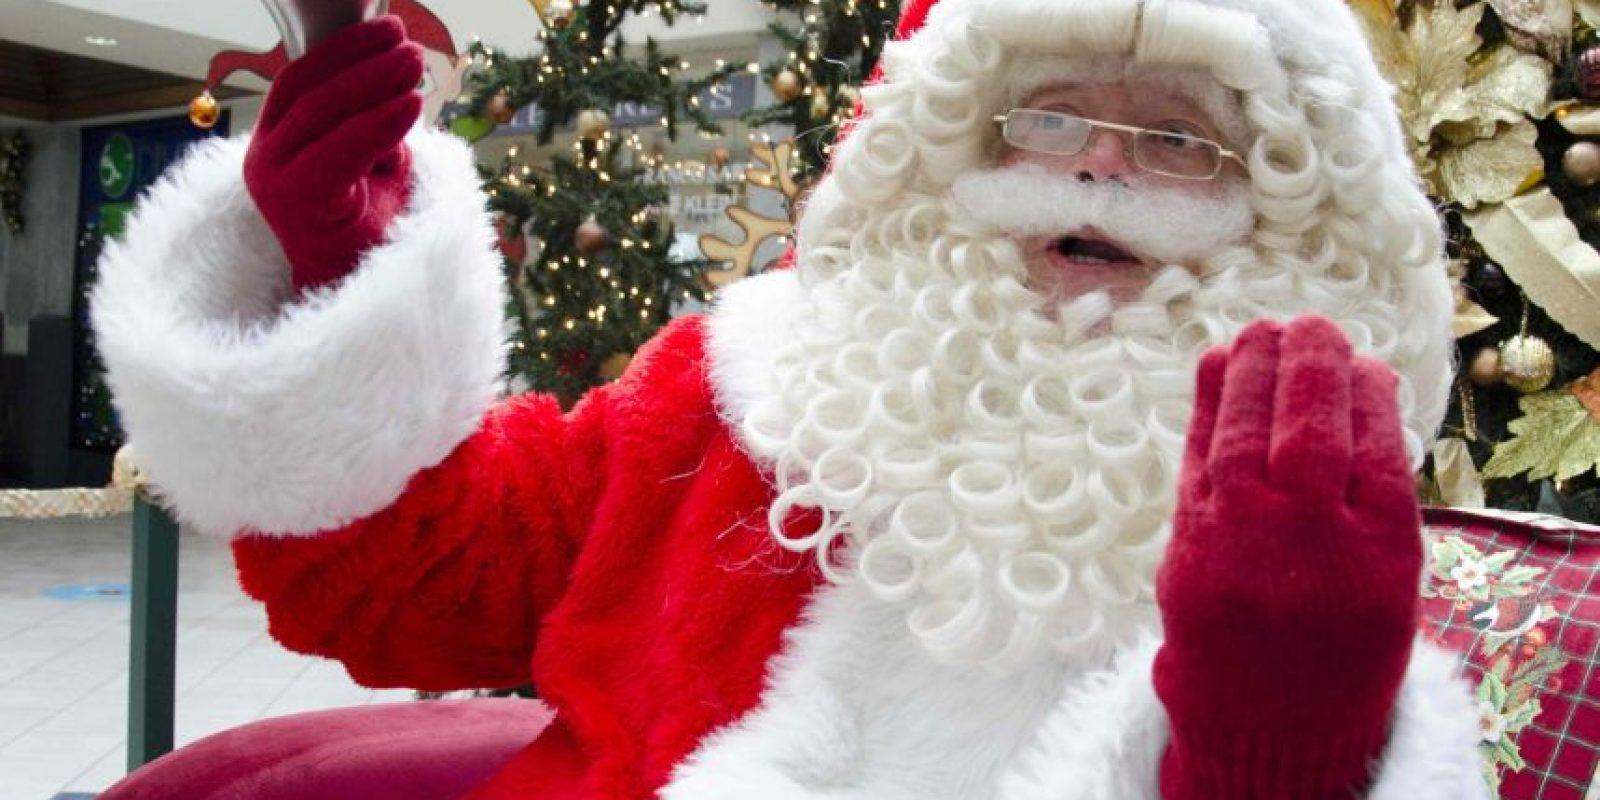 Santa le deseo feliz Navidad a los guatemaltecos Foto:Luis Carlos Nájera